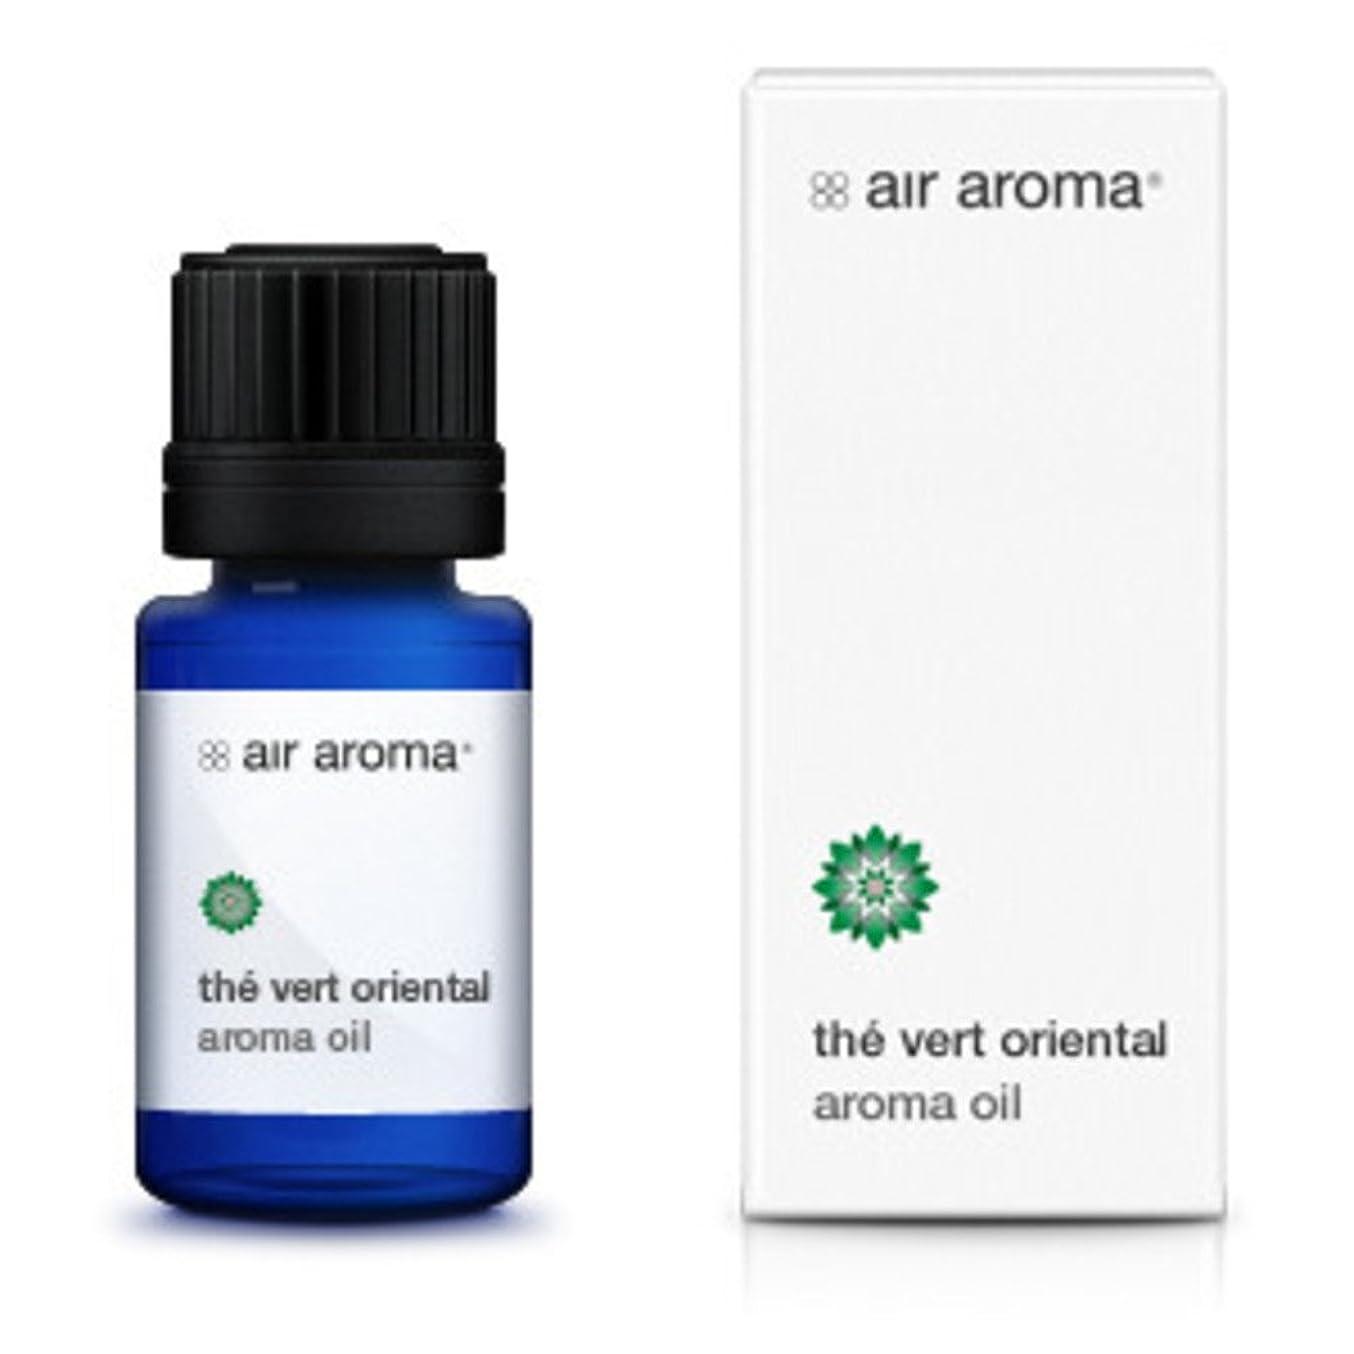 一般航空いとこエアアロマ the vert oriental (テヴェールオリエンタル) 250ml [並行輸入品]